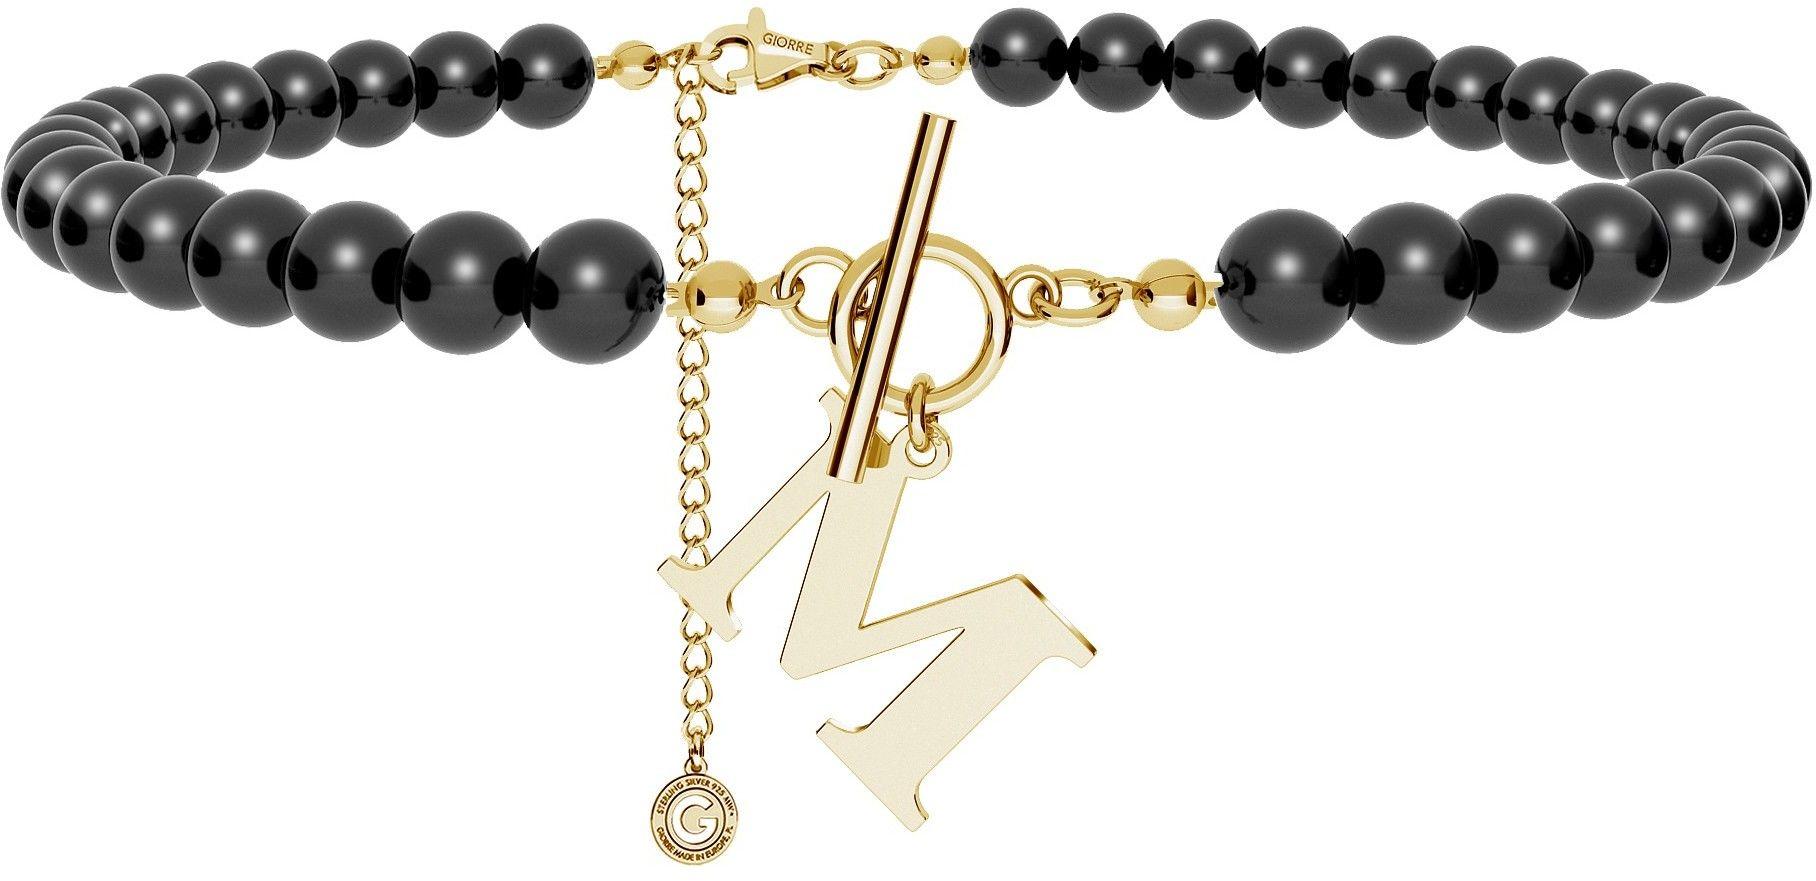 Czarny perłowy choker z dowolną literą, Swarovski, srebro 925 : Litera - U, Srebro - kolor pokrycia - Pokrycie platyną